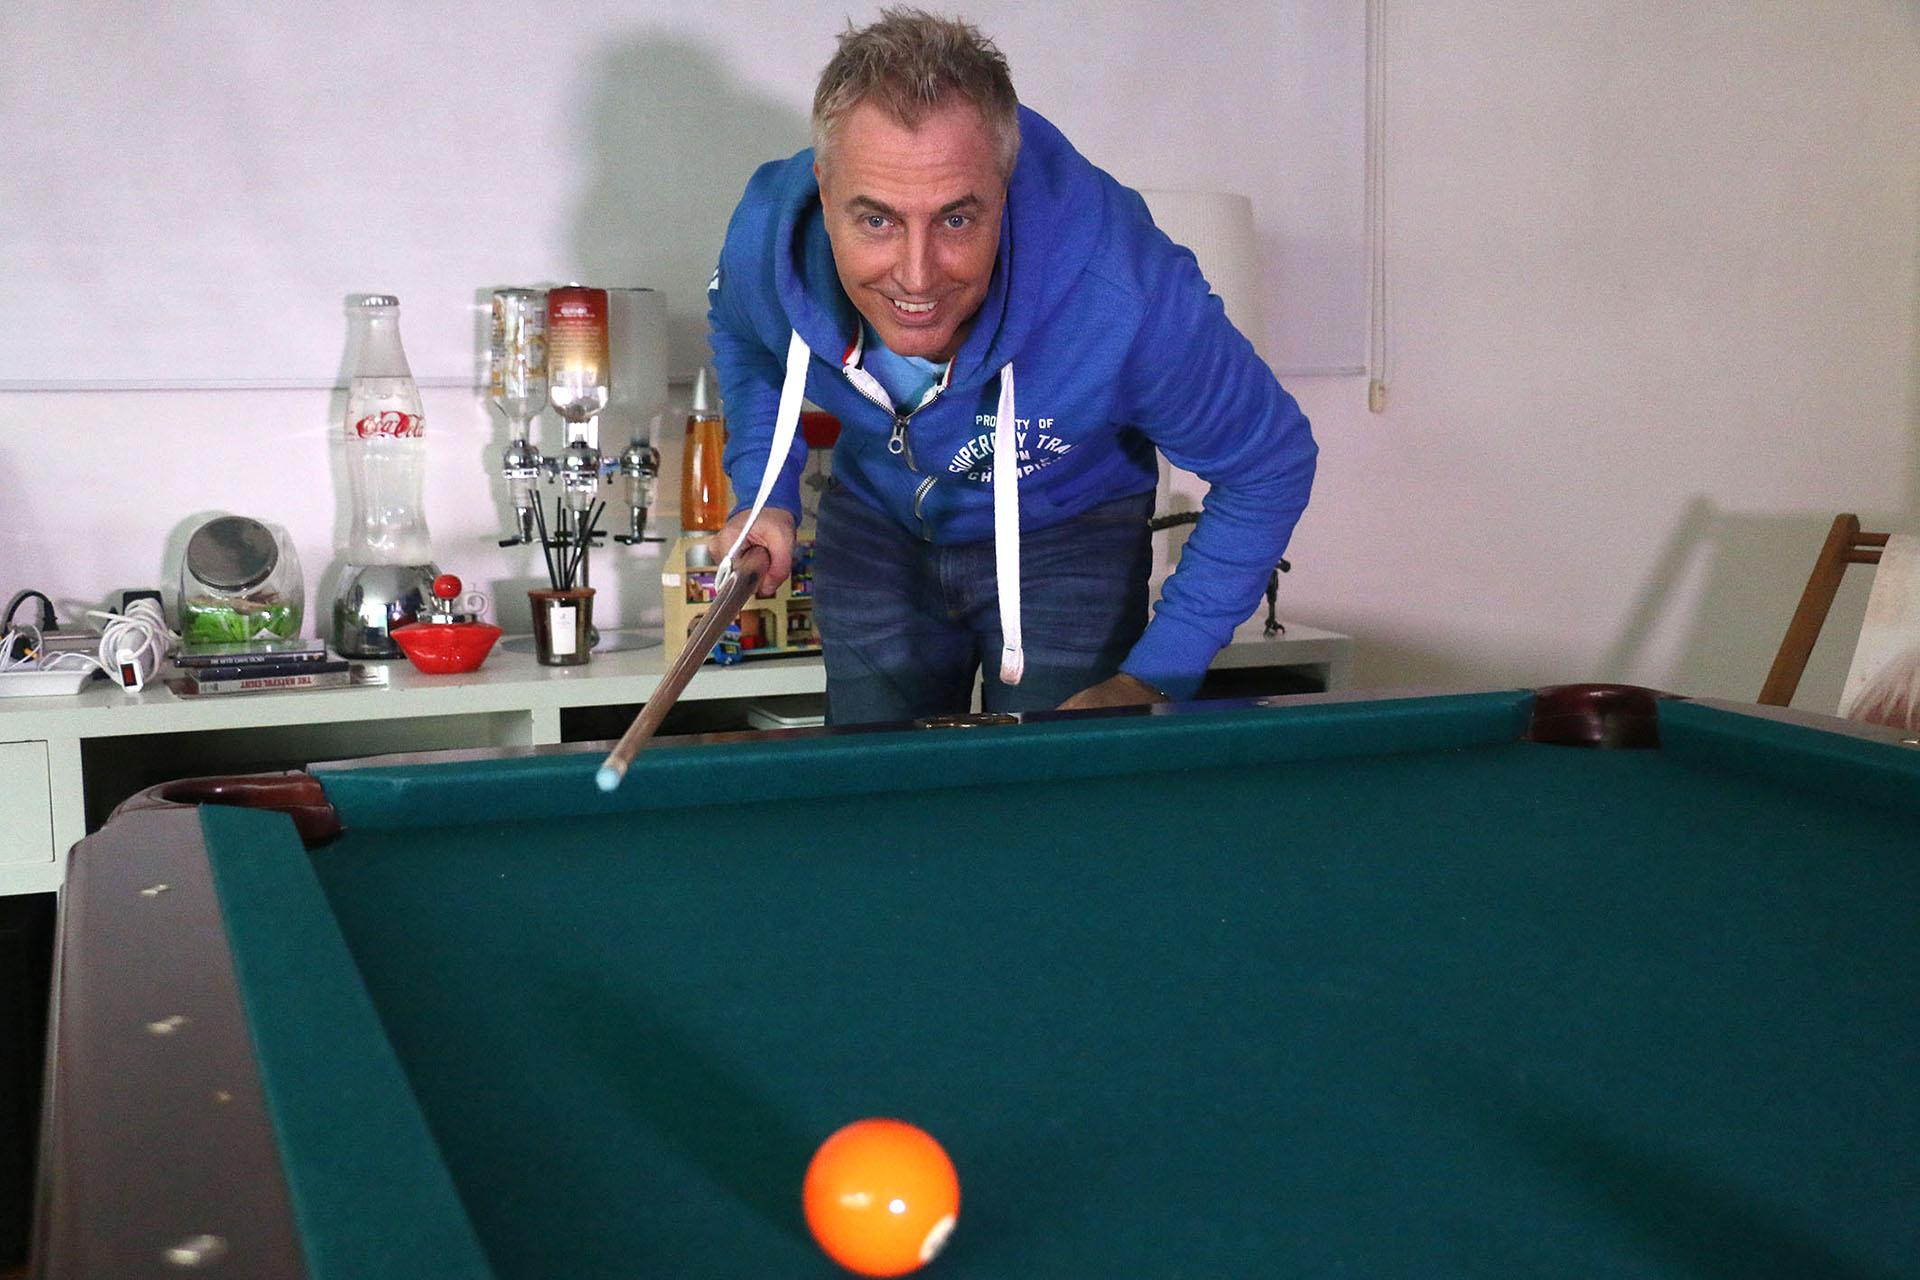 El pool le recuerda los fines de semana junto a su padre (Verónica Guerman)